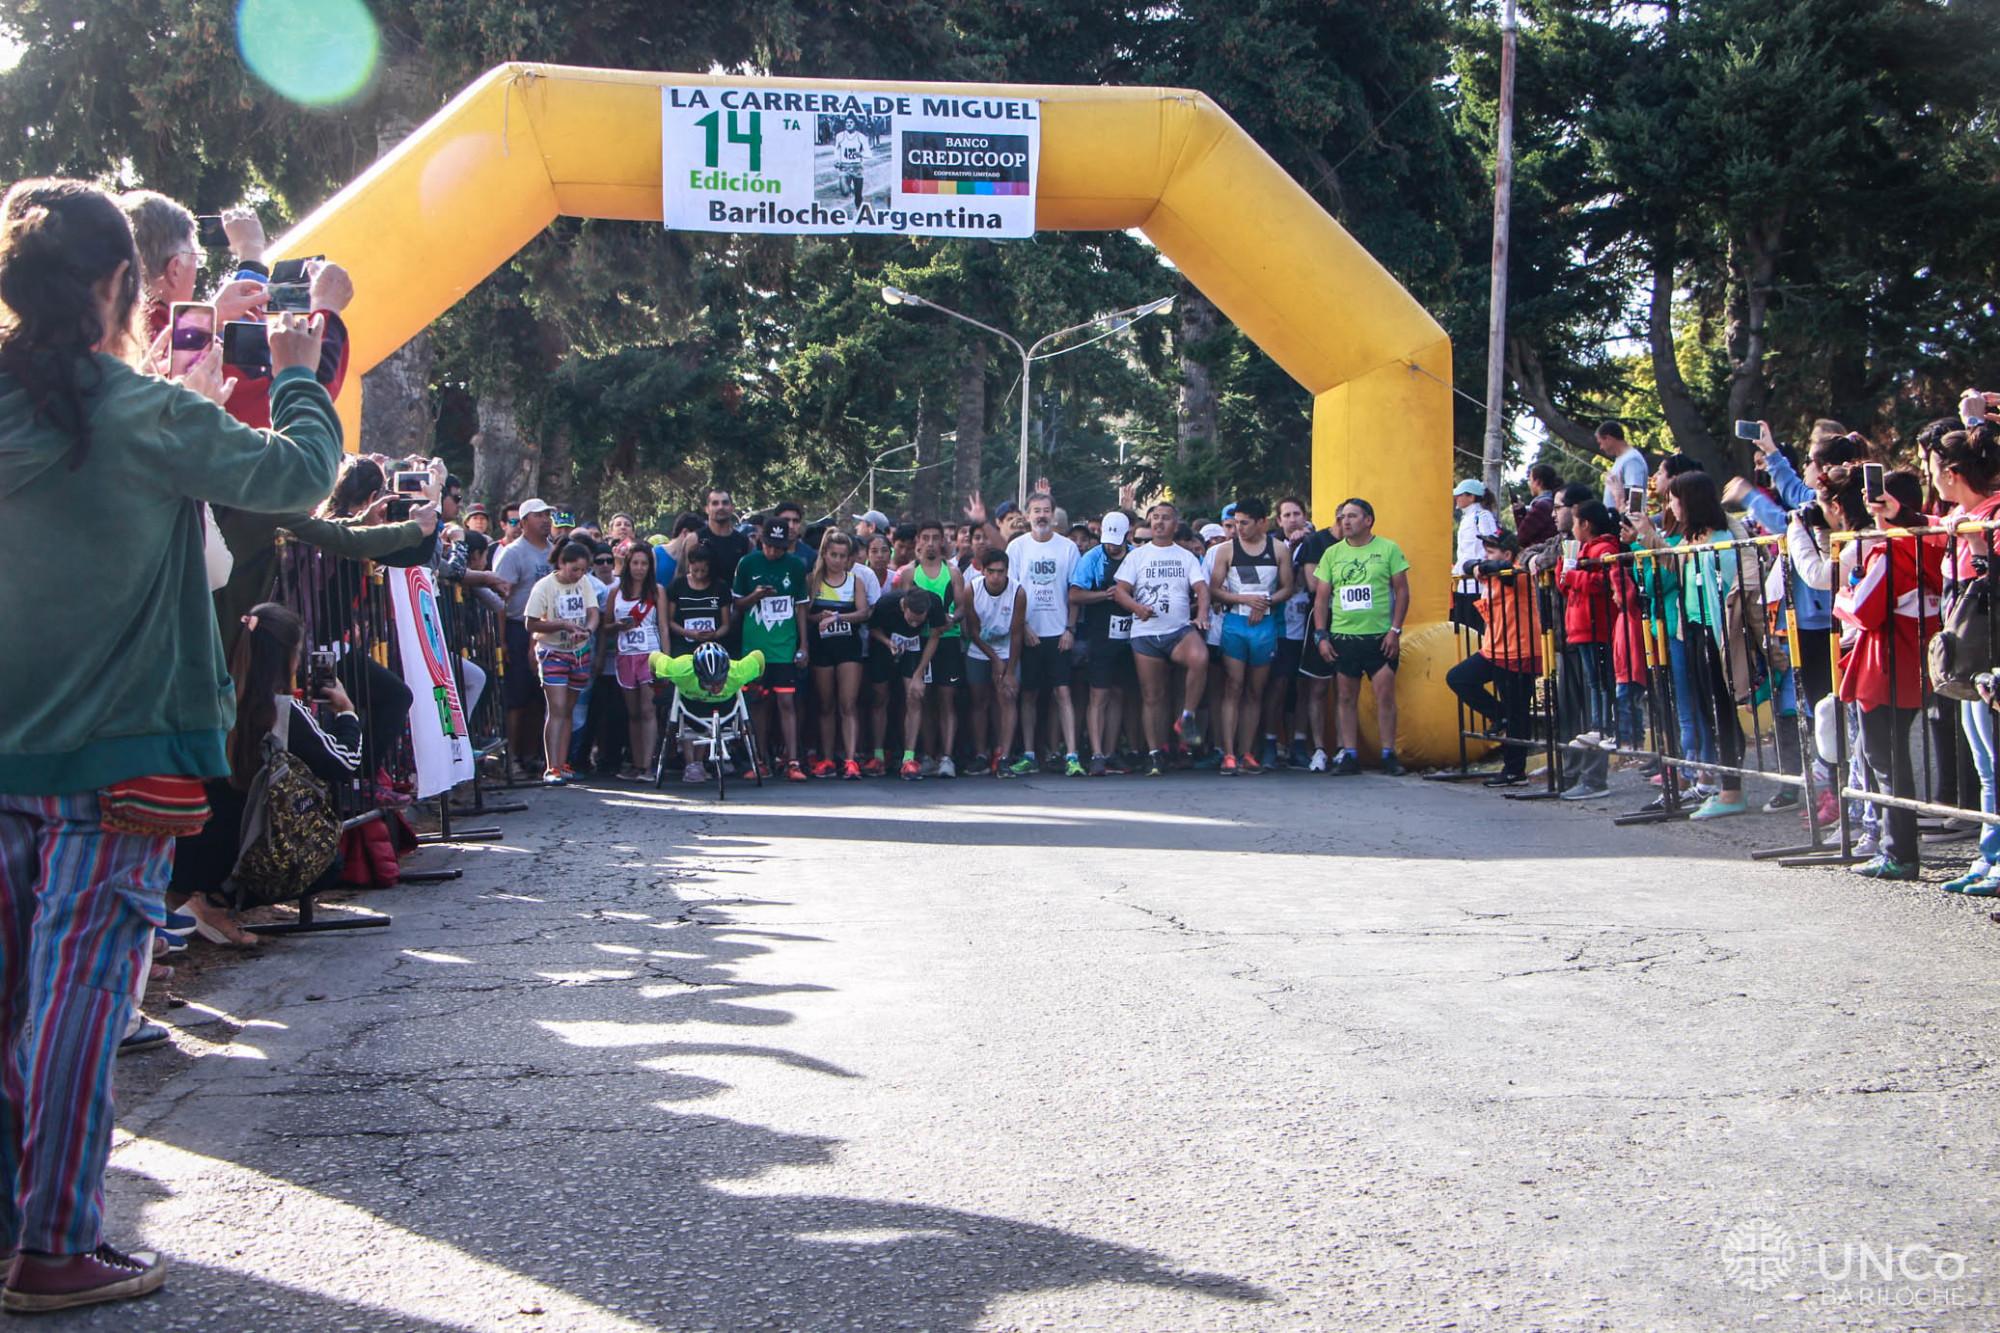 Carrera de Miguel 2019-7